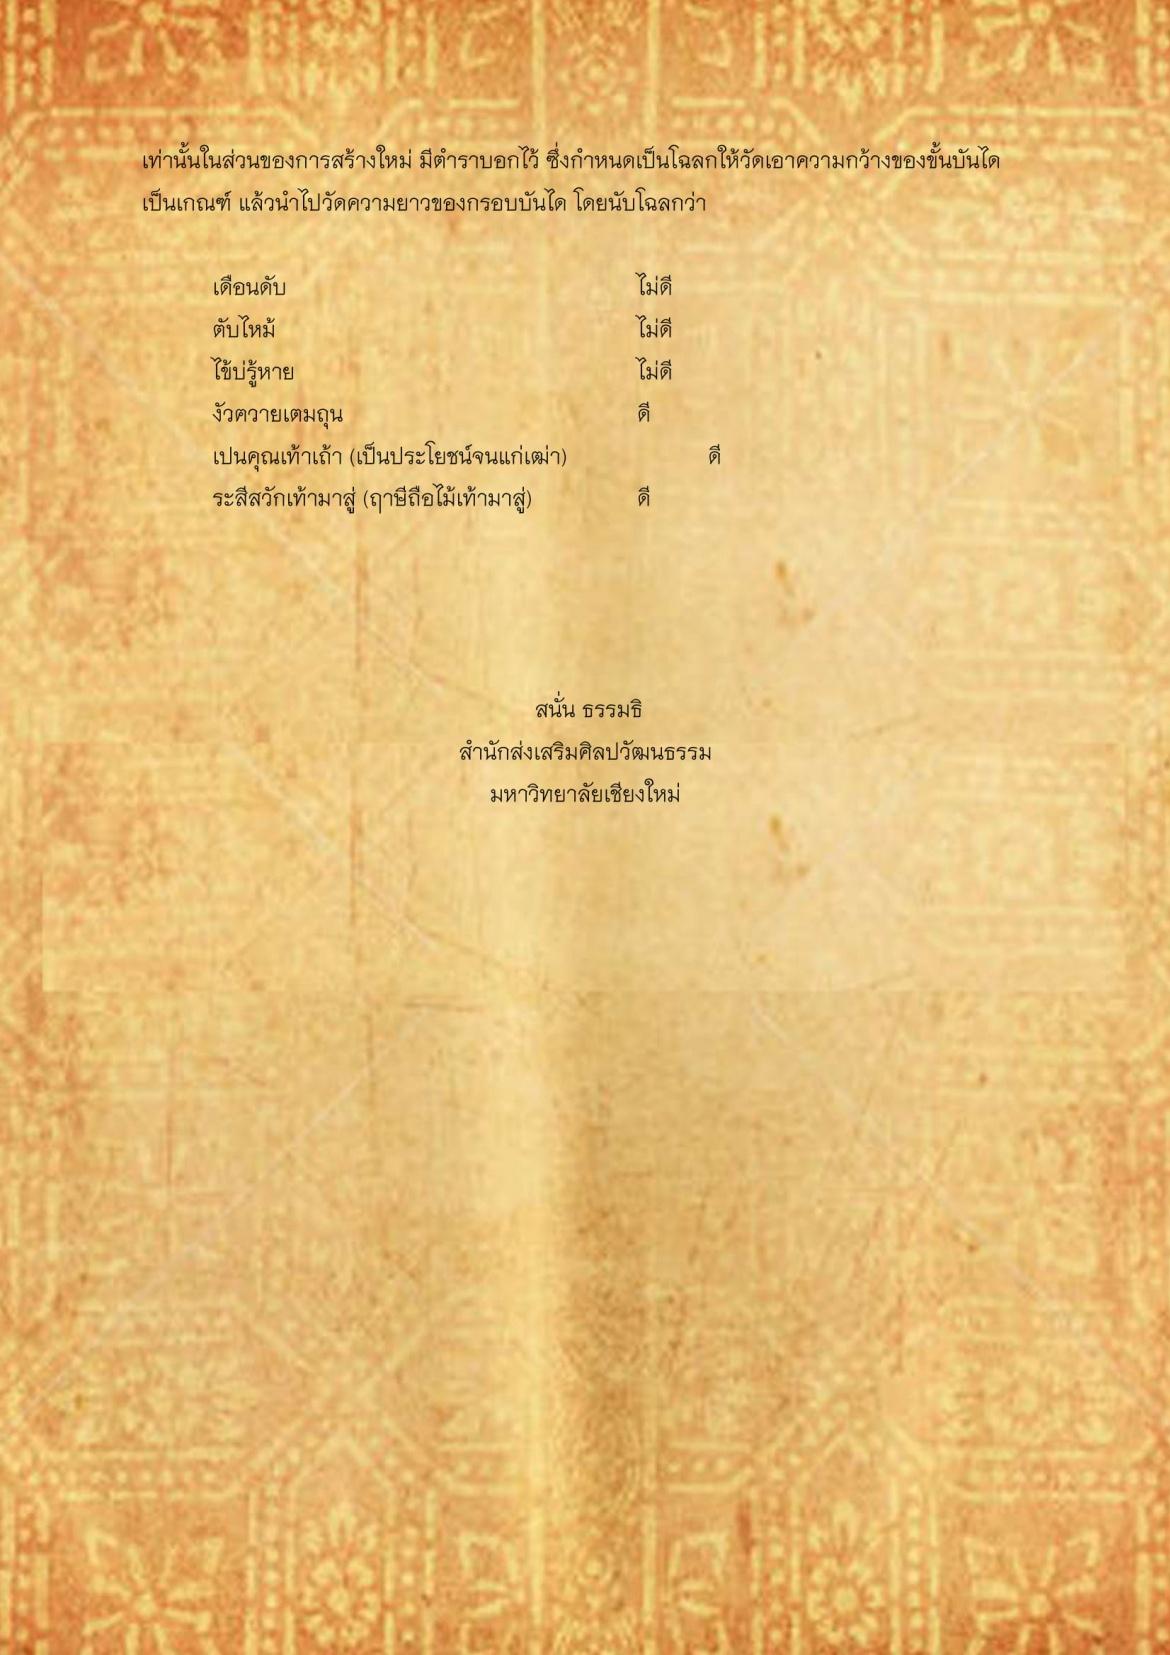 พิธีกรรมเเละความเชื่อการปลูกเรือนล้านนา(66) - 3 กุมภาพันธ์ 2563